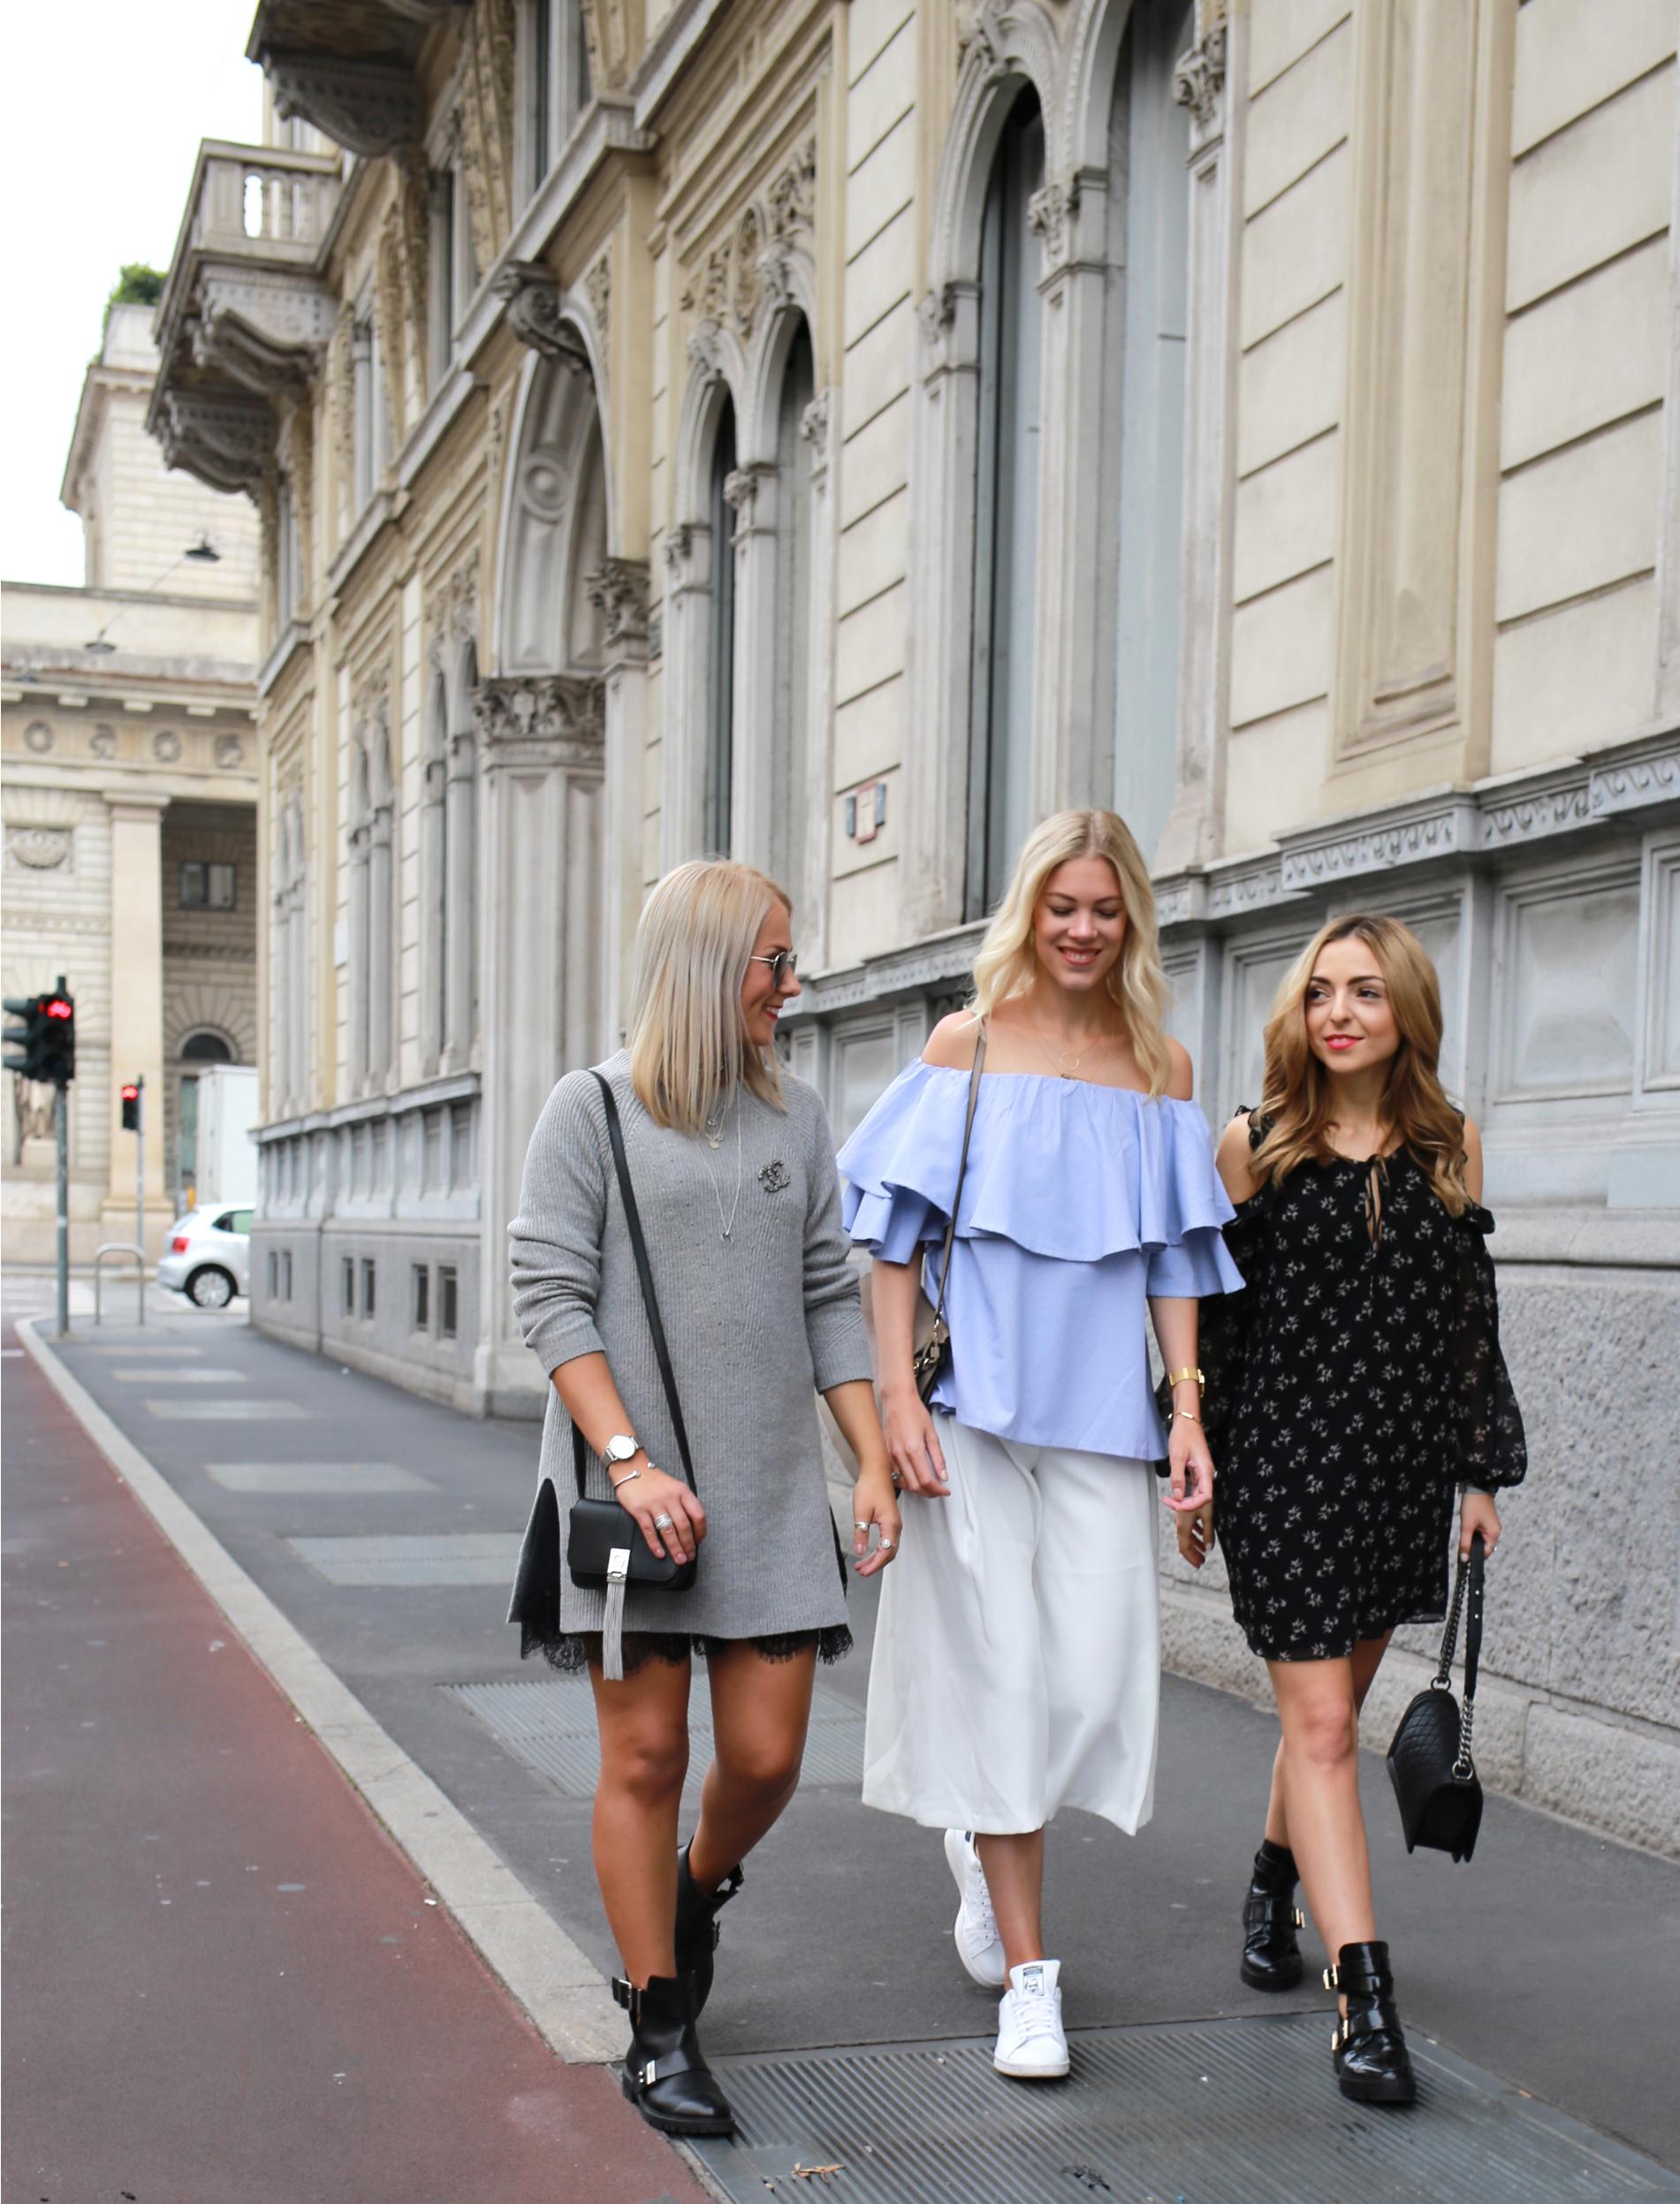 milan_fashion_week_streetstyles_verena_somehappyshoes